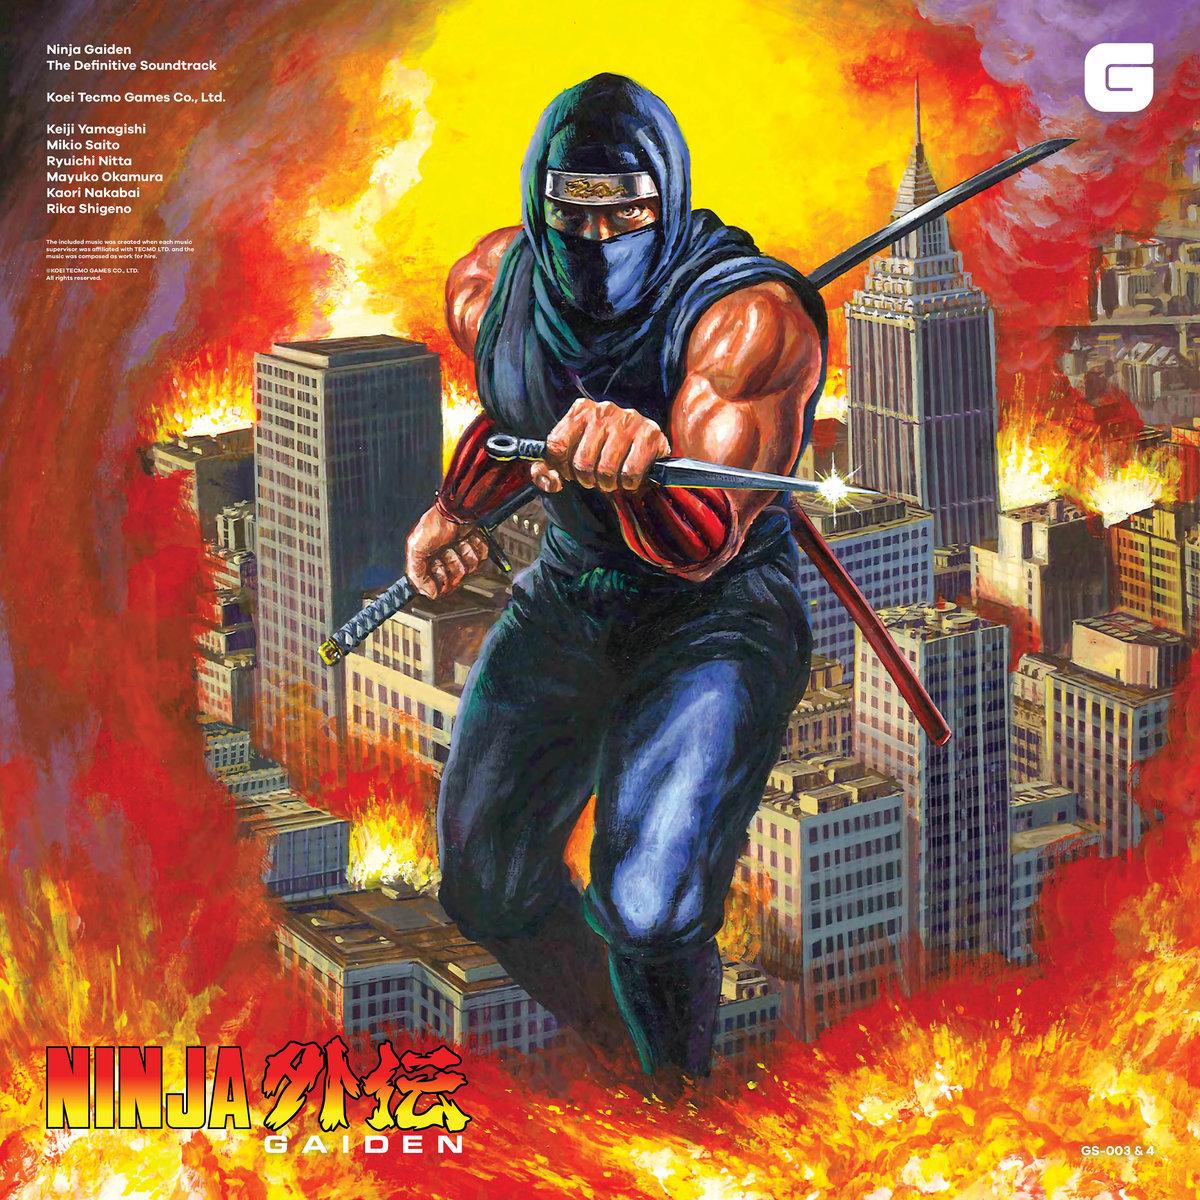 Ninja Gaiden 3: Ninja Gaiden The Definitive Soundtrack Vol. 1 + 2